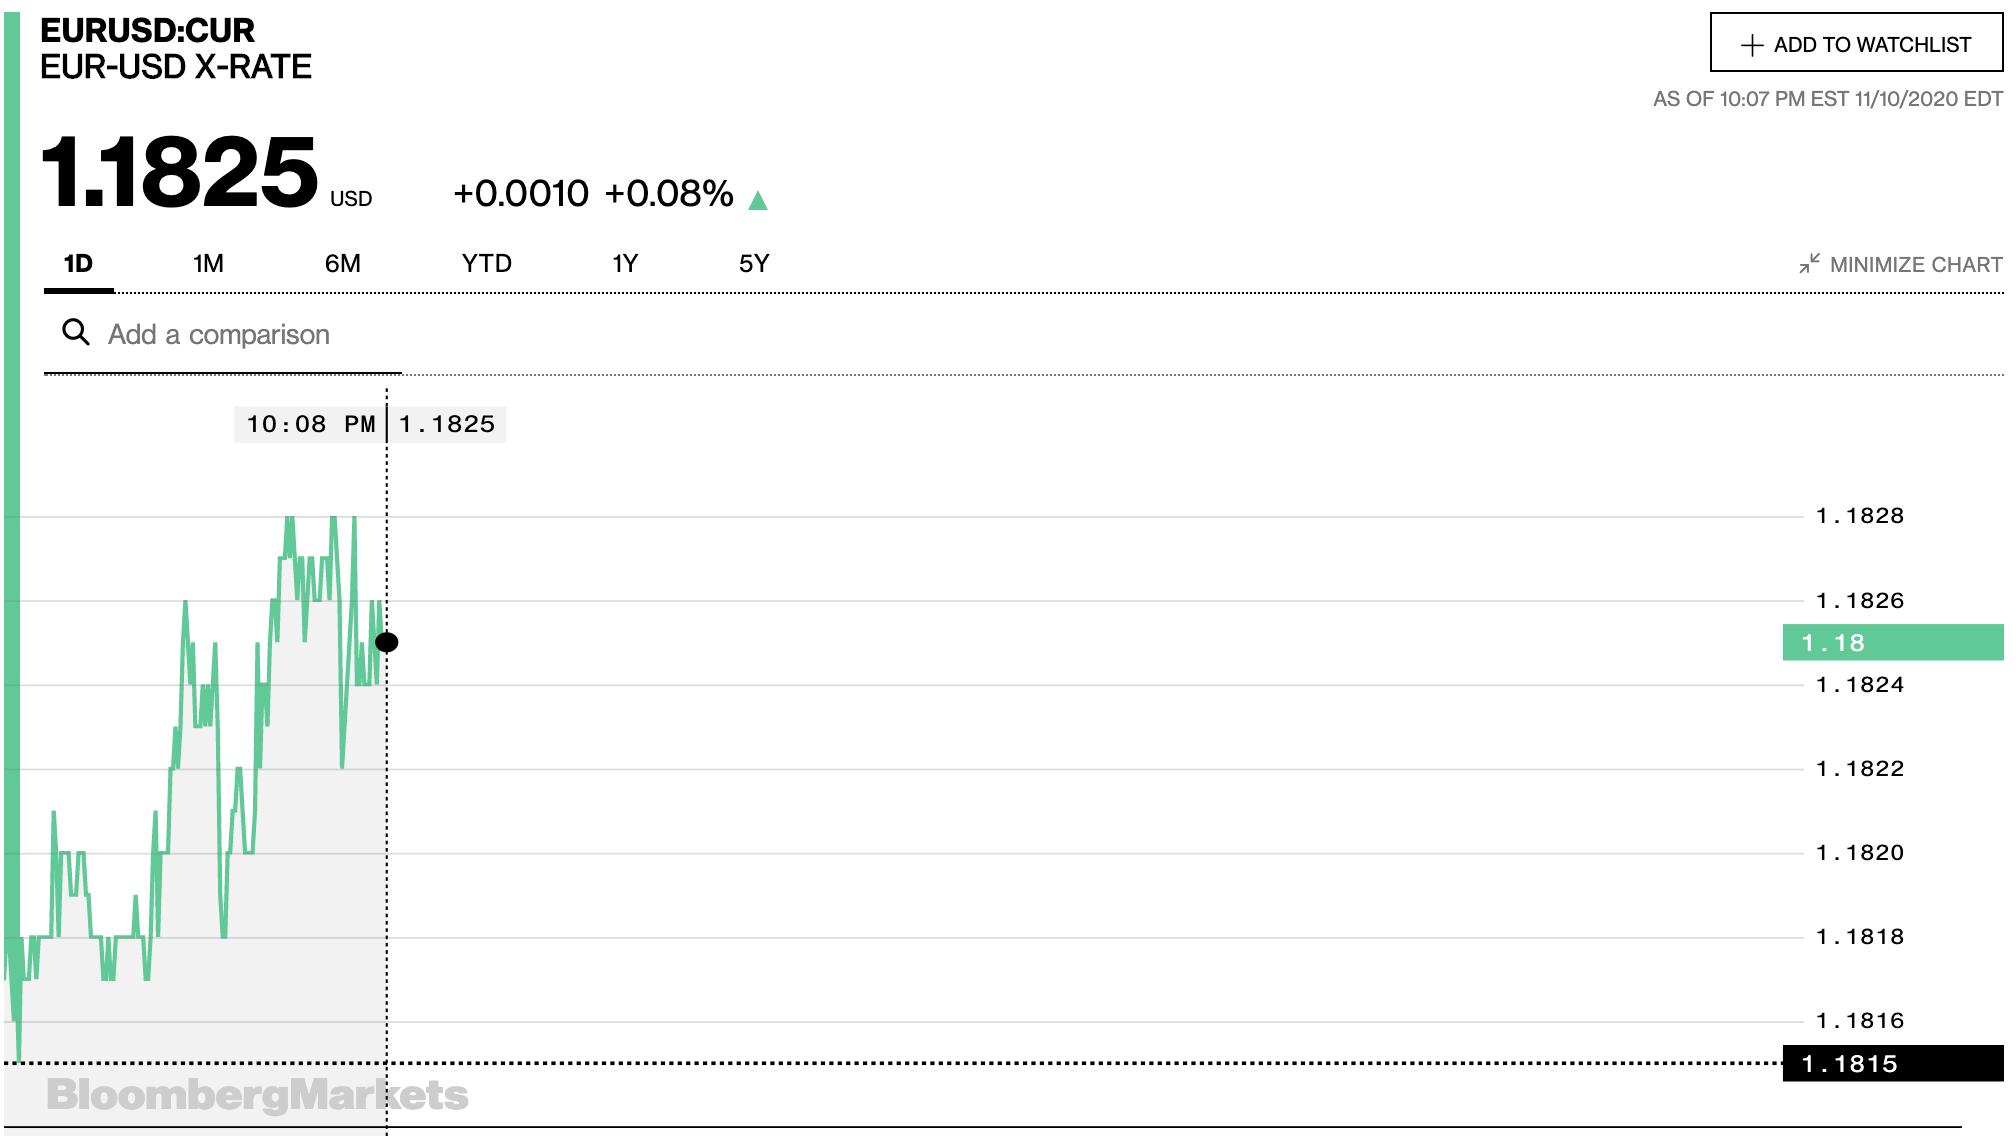 Tỷ giá euro hôm nay 11/11: Tăng trở lại tại đa số ngân hàng - Ảnh 2.